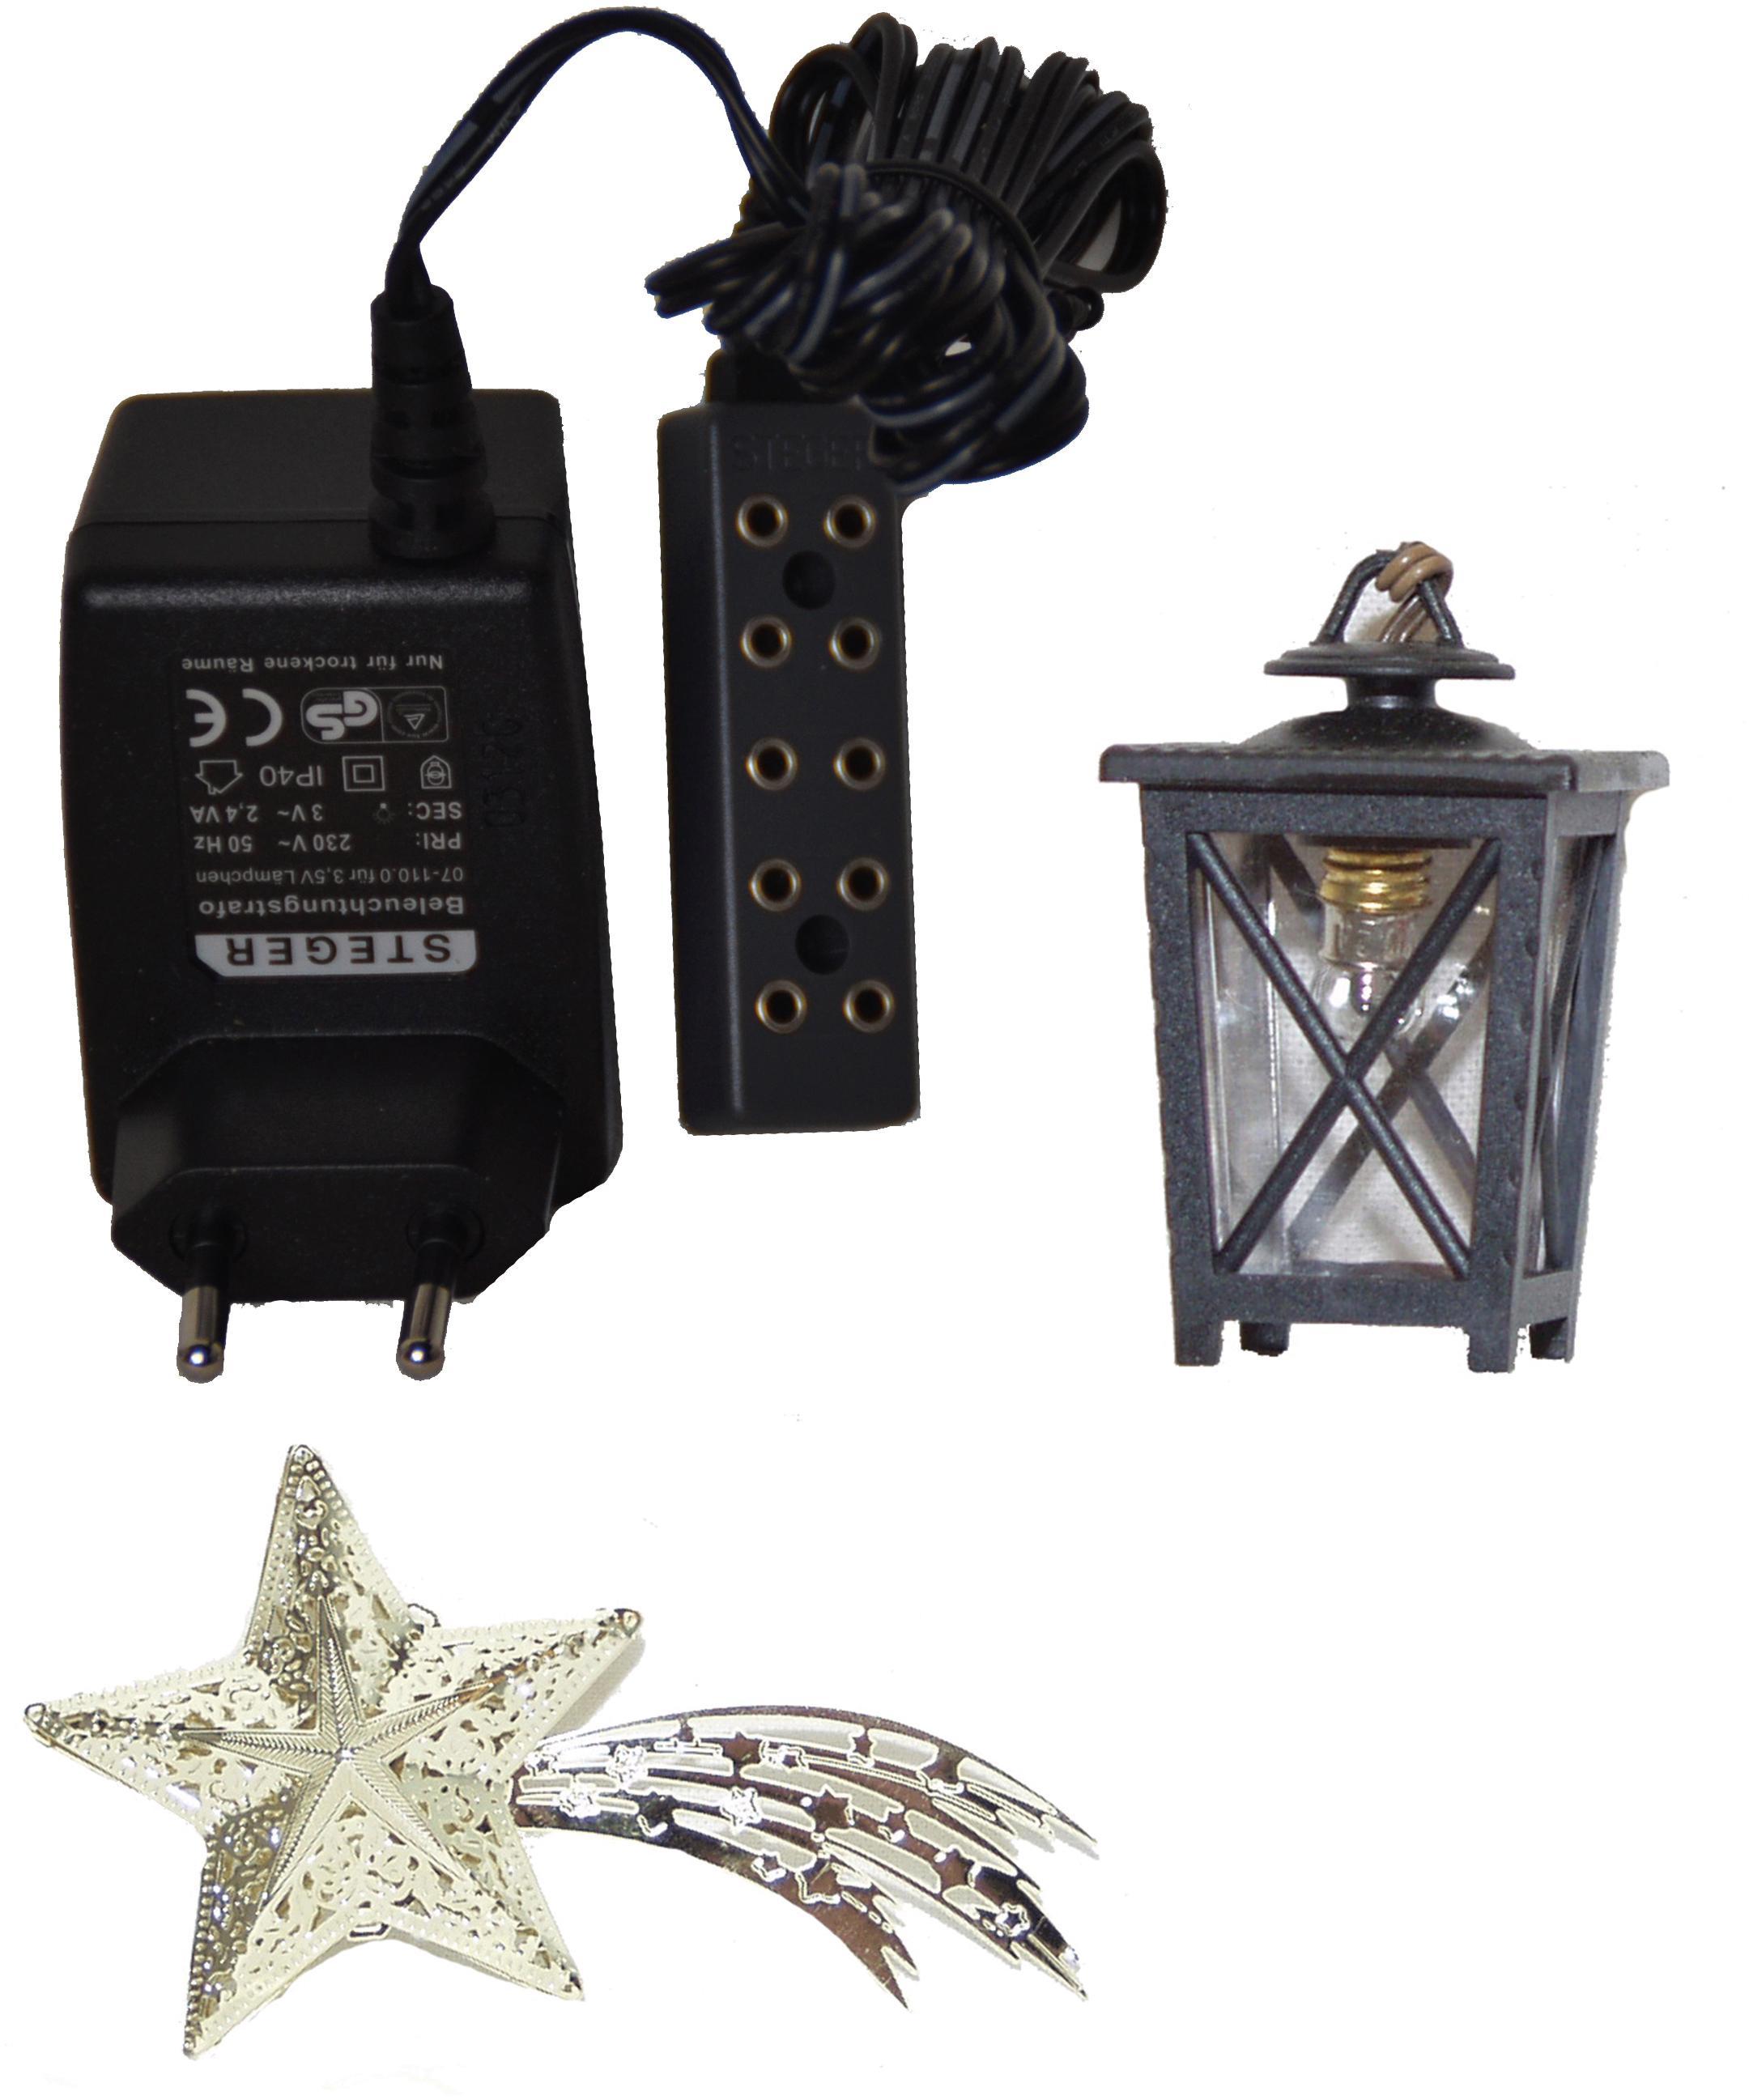 Weihnachtsbeleuchtung Zubehör.Weihnachtskrippen Zubehör Set 3 Teilig Komet Laterne U Beleuchtungstrafo